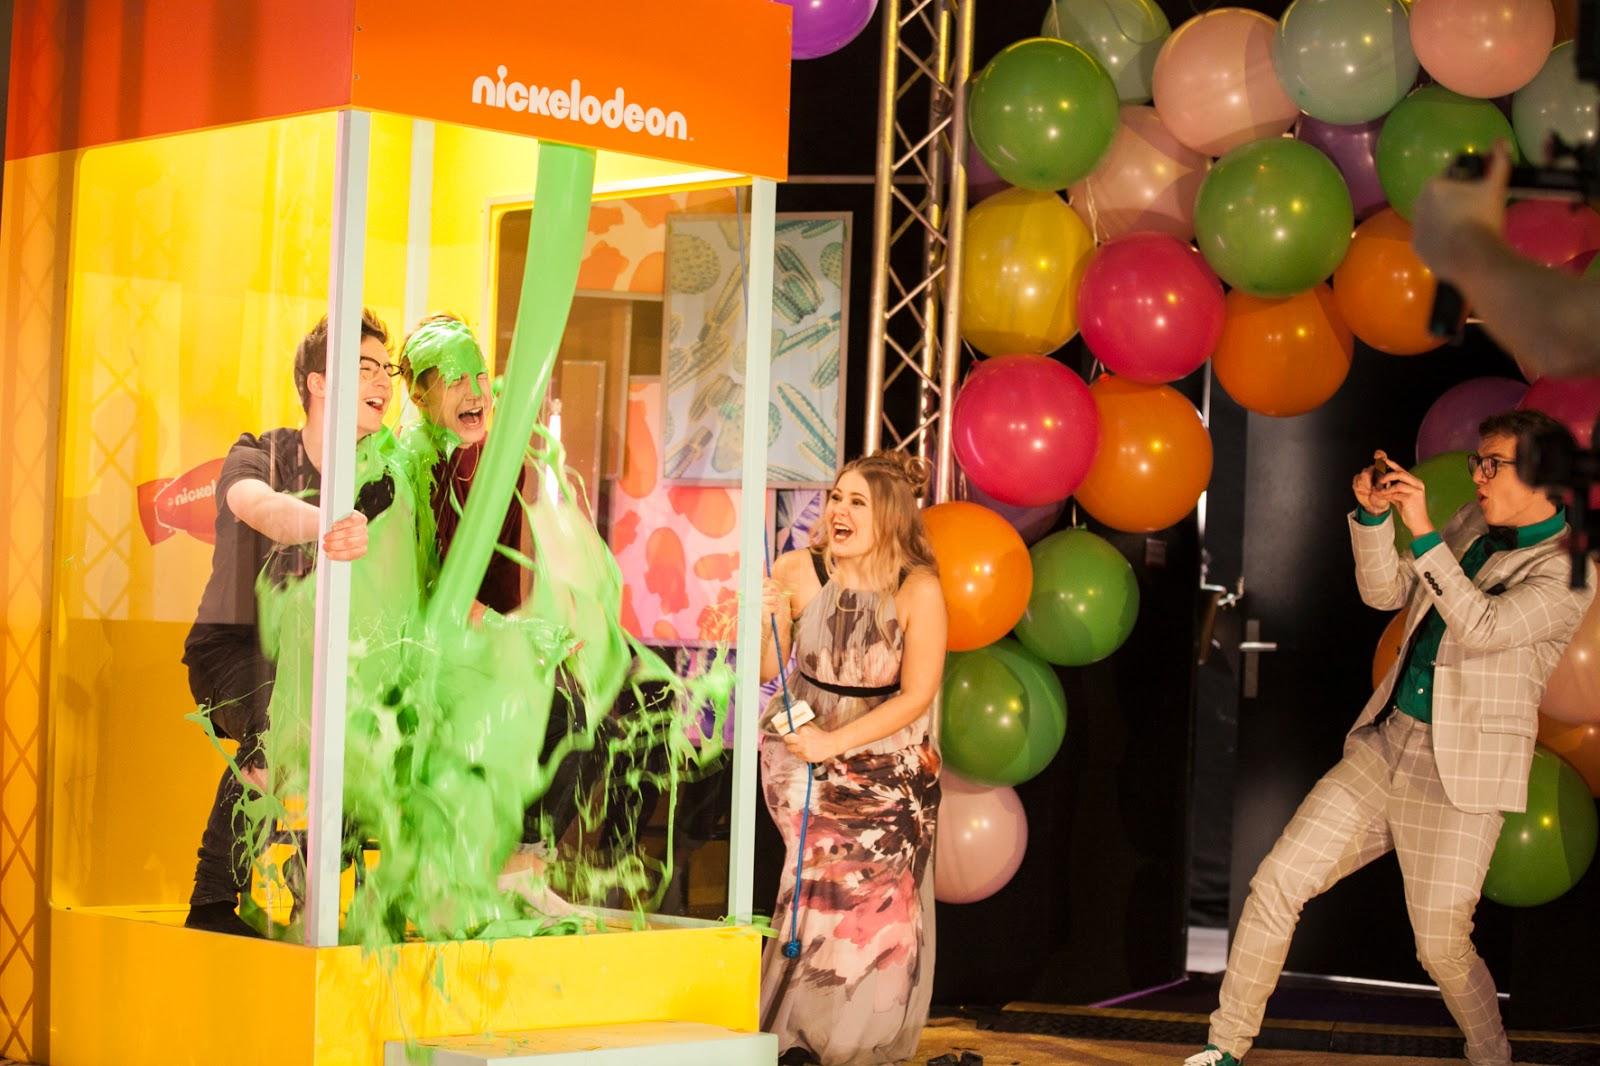 Nickalive nickelodeon germany announces winners of kids choice mrz 2017 das war sie die grte award show der welt in der einzig die kinder das sagen haben die nickelodeon kids choice awards 2017 ccuart Gallery